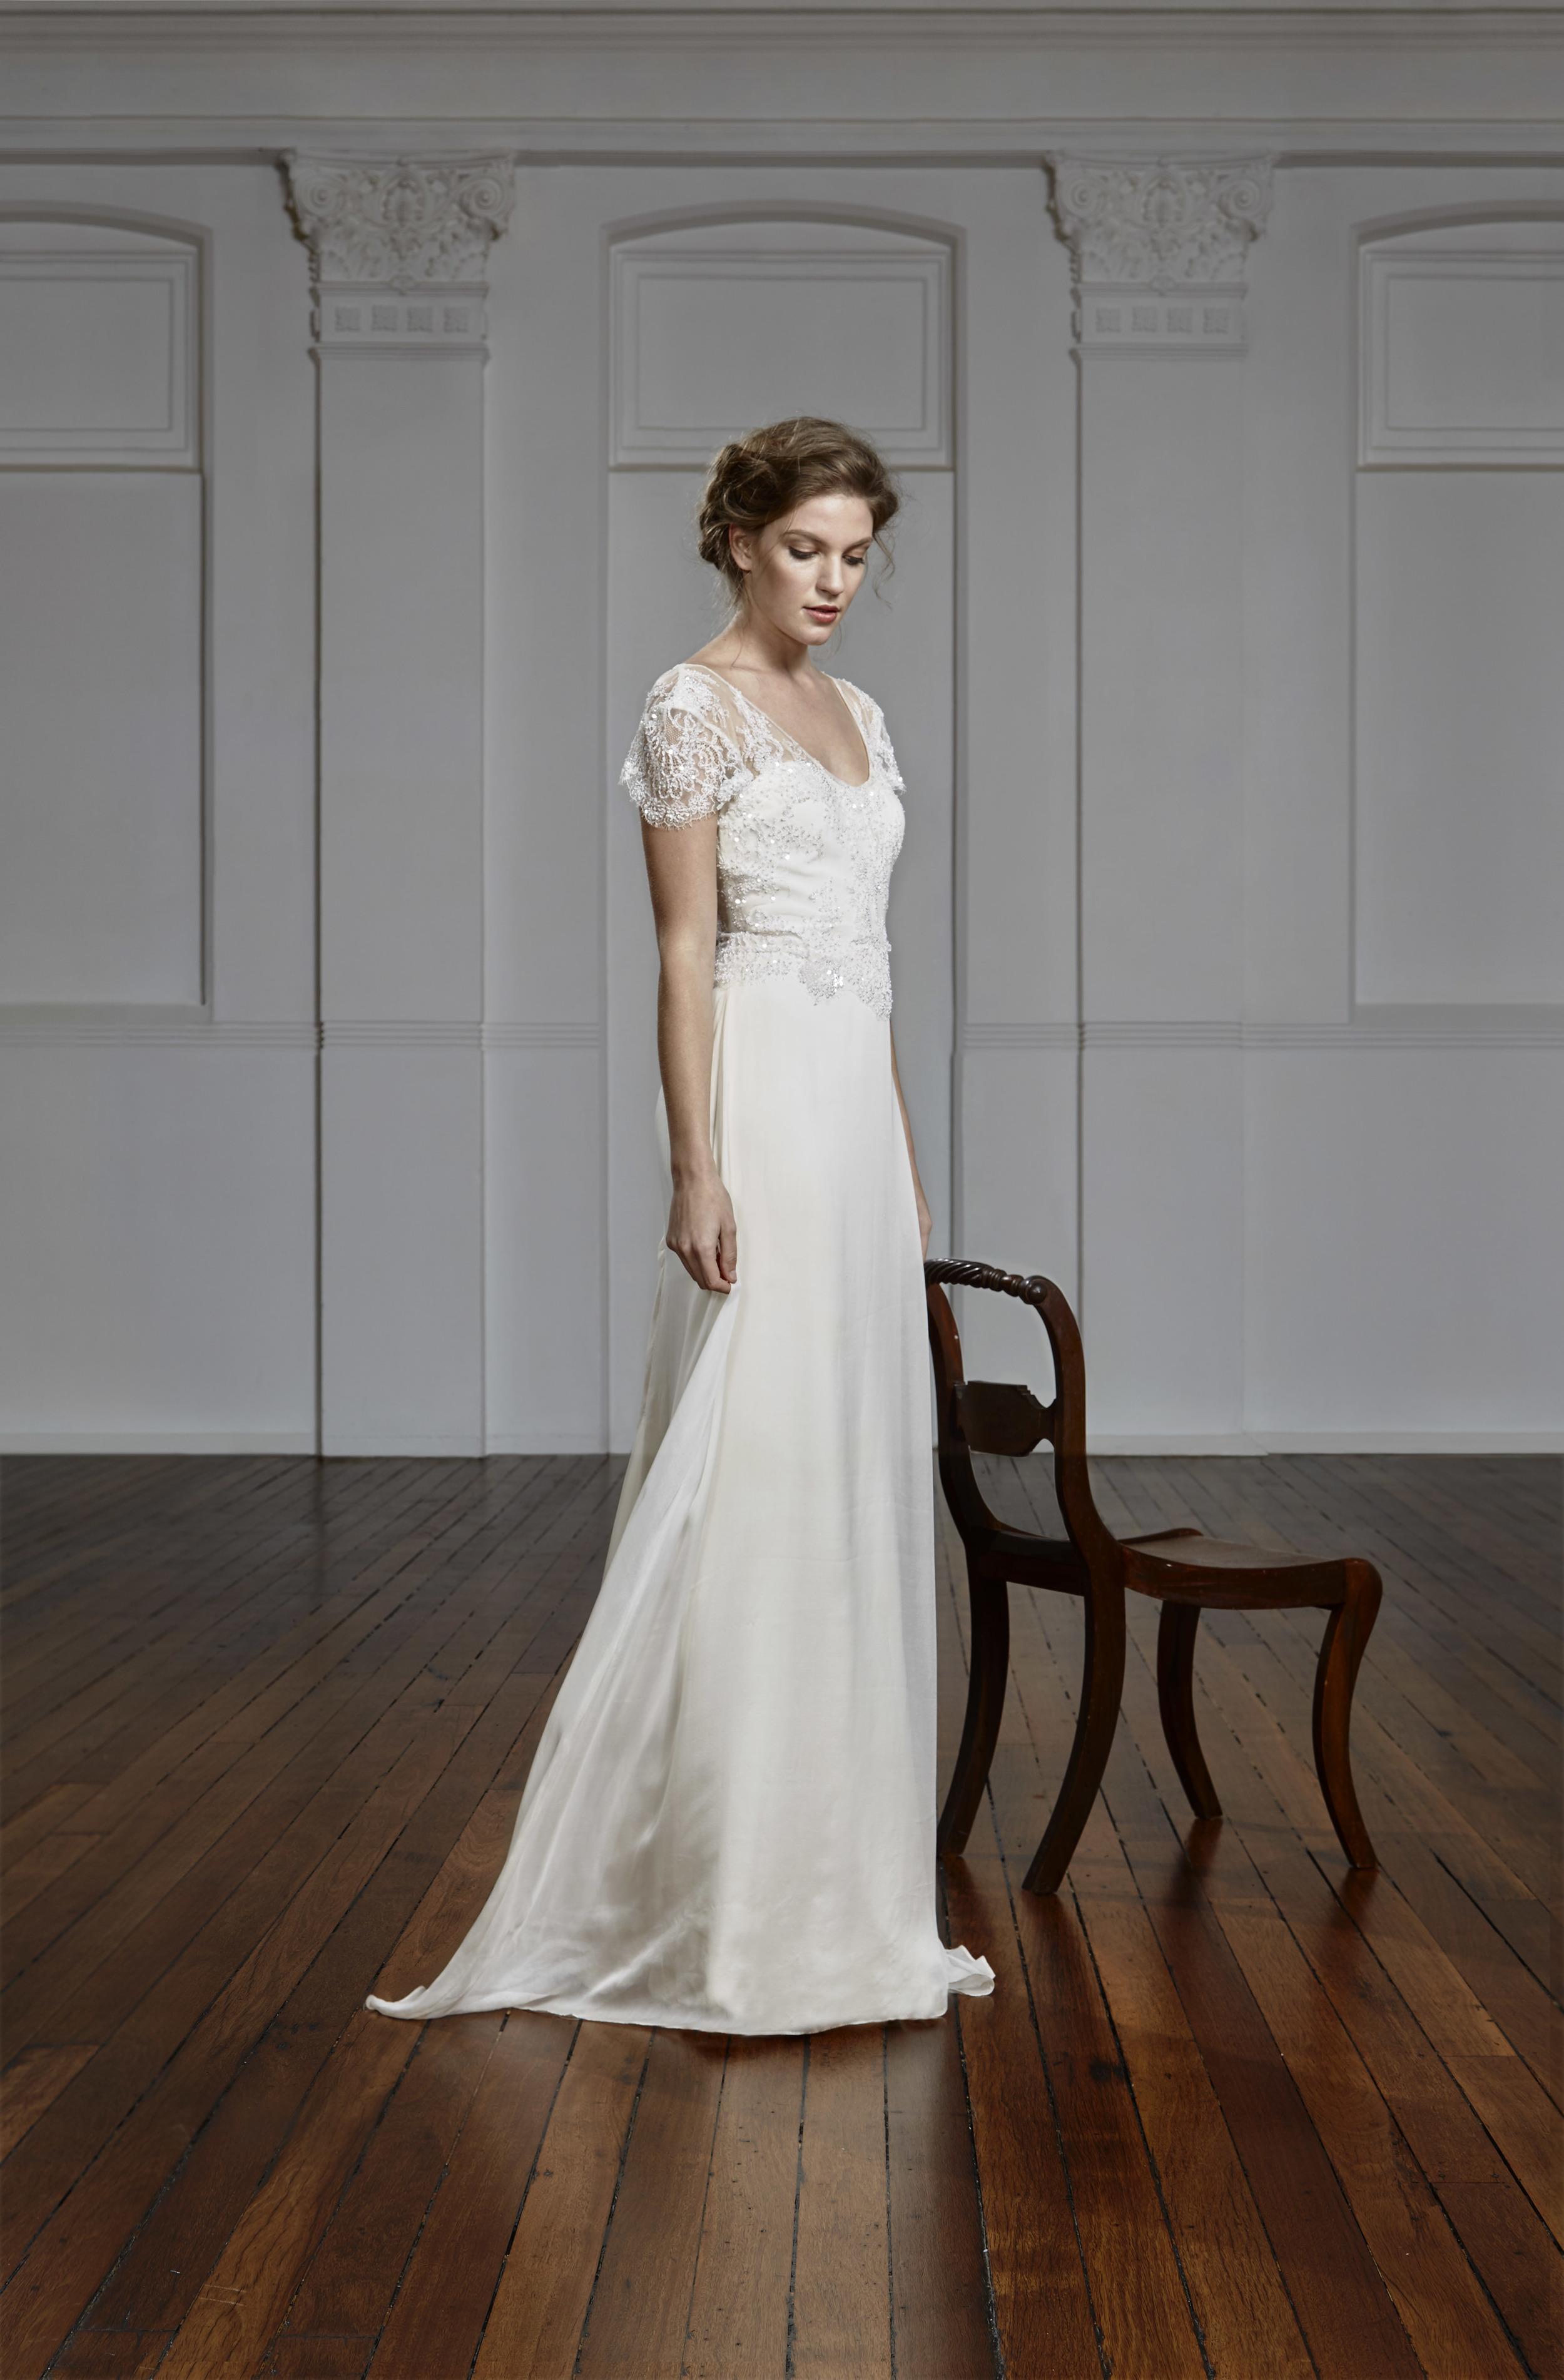 Blythe bridal design_TanyaAnic_©GrantSparkesCarroll_206.jpg